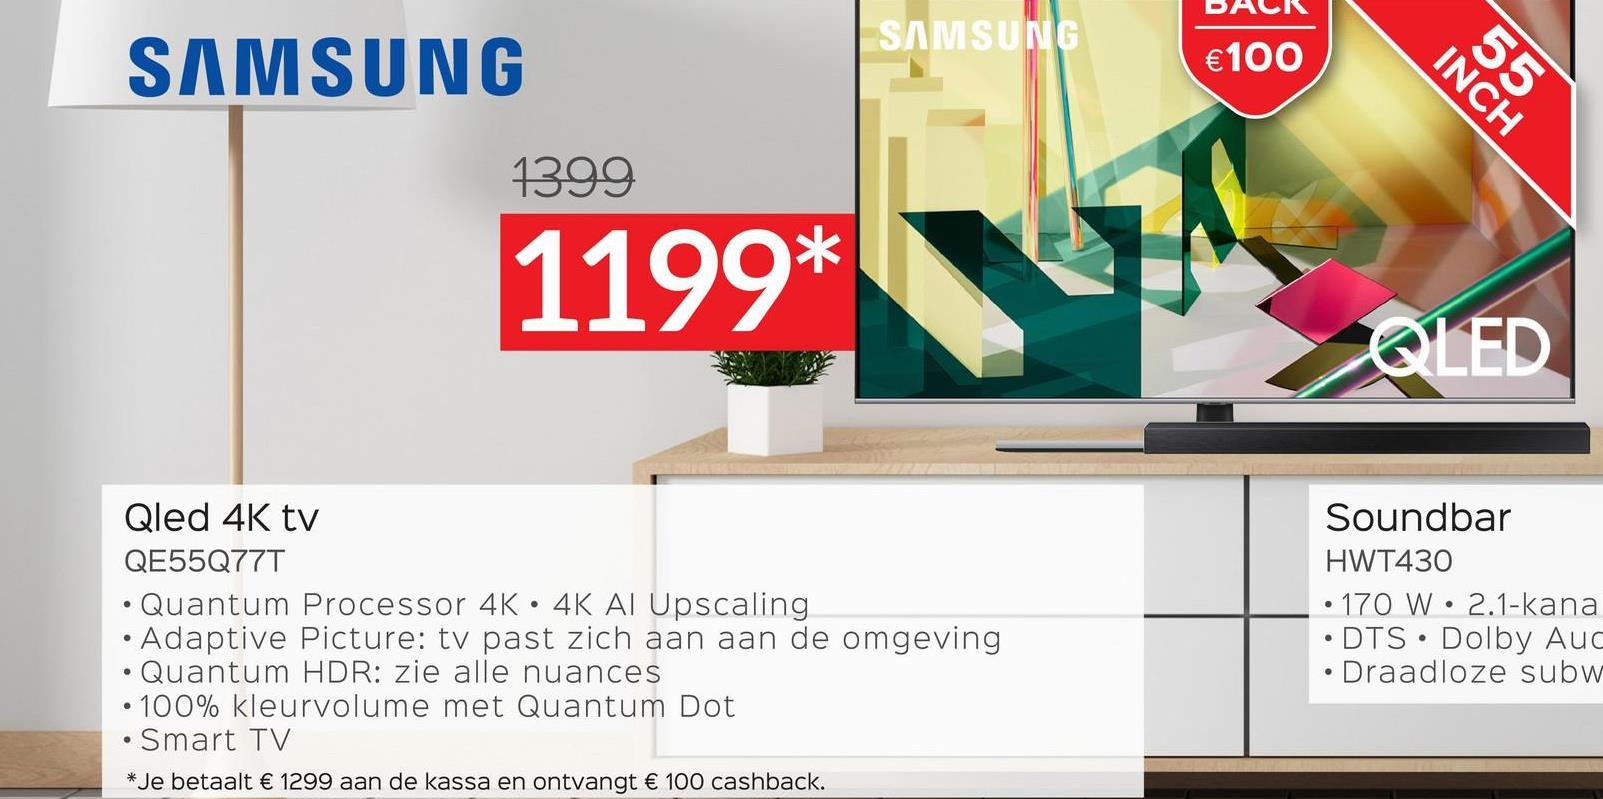 SAMSUNG SAMSUNG €100 INCH 55 1399 1199* QLED Qled 4K tv QE55Q777 Quantum Processor 4K • 4K AI Upscaling • Adaptive Picture: tv past zich aan aan de omgeving Quantum HDR: zie alle nuances • 100% kleurvolume met Quantum Dot Smart TV * Je betaalt € 1299 aan de kassa en ontvangt € 100 cashback. Soundbar HWT430 • 170 W • 2.1-kana • DTS • Dolby Auc • Draadloze subw